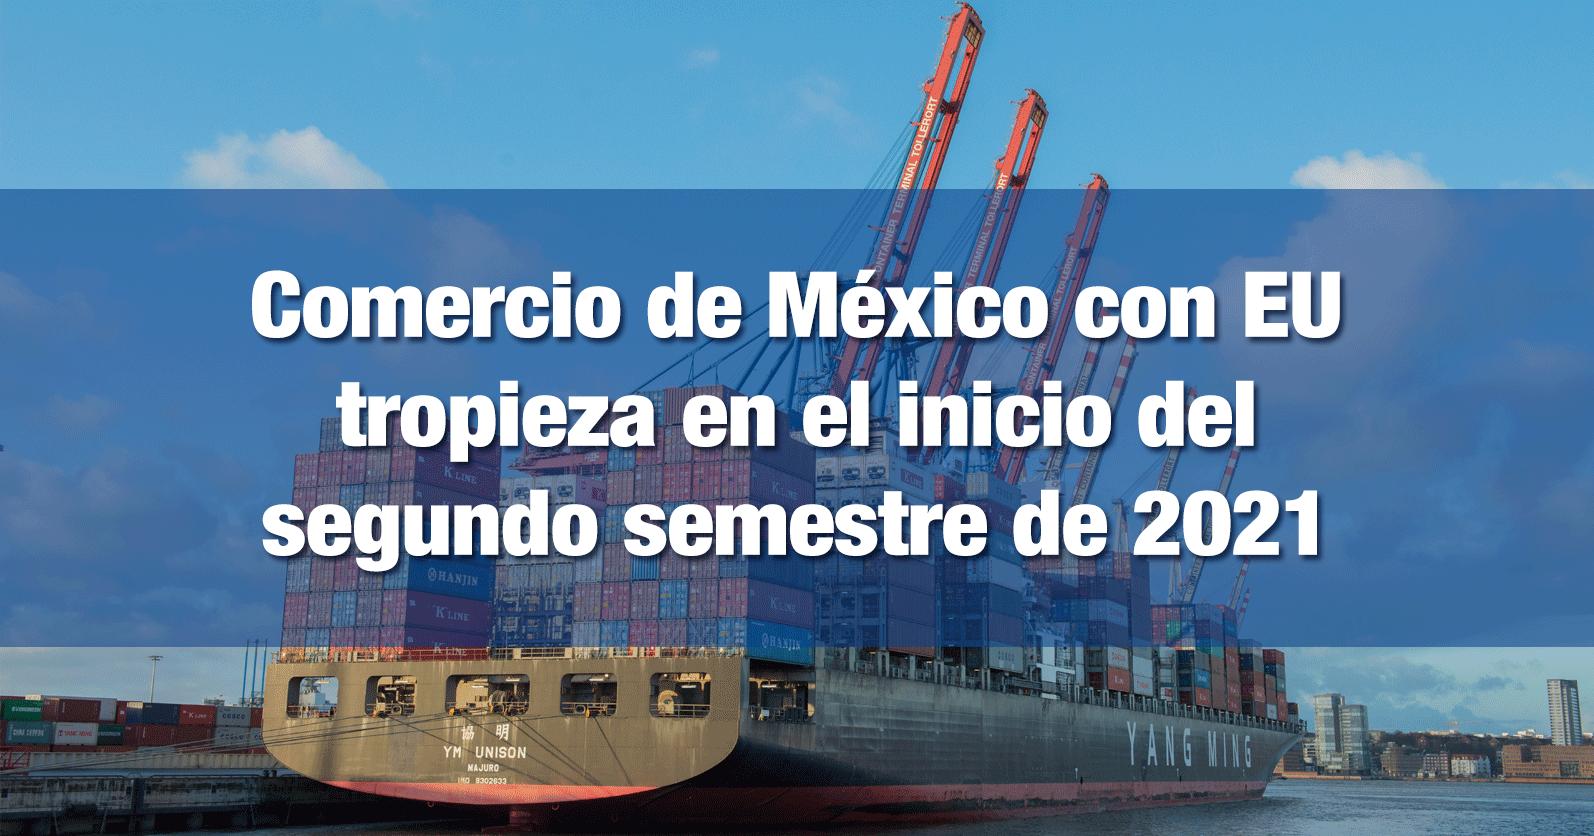 Comercio de México con EU tropieza en el inicio del segundo semestre de 2021